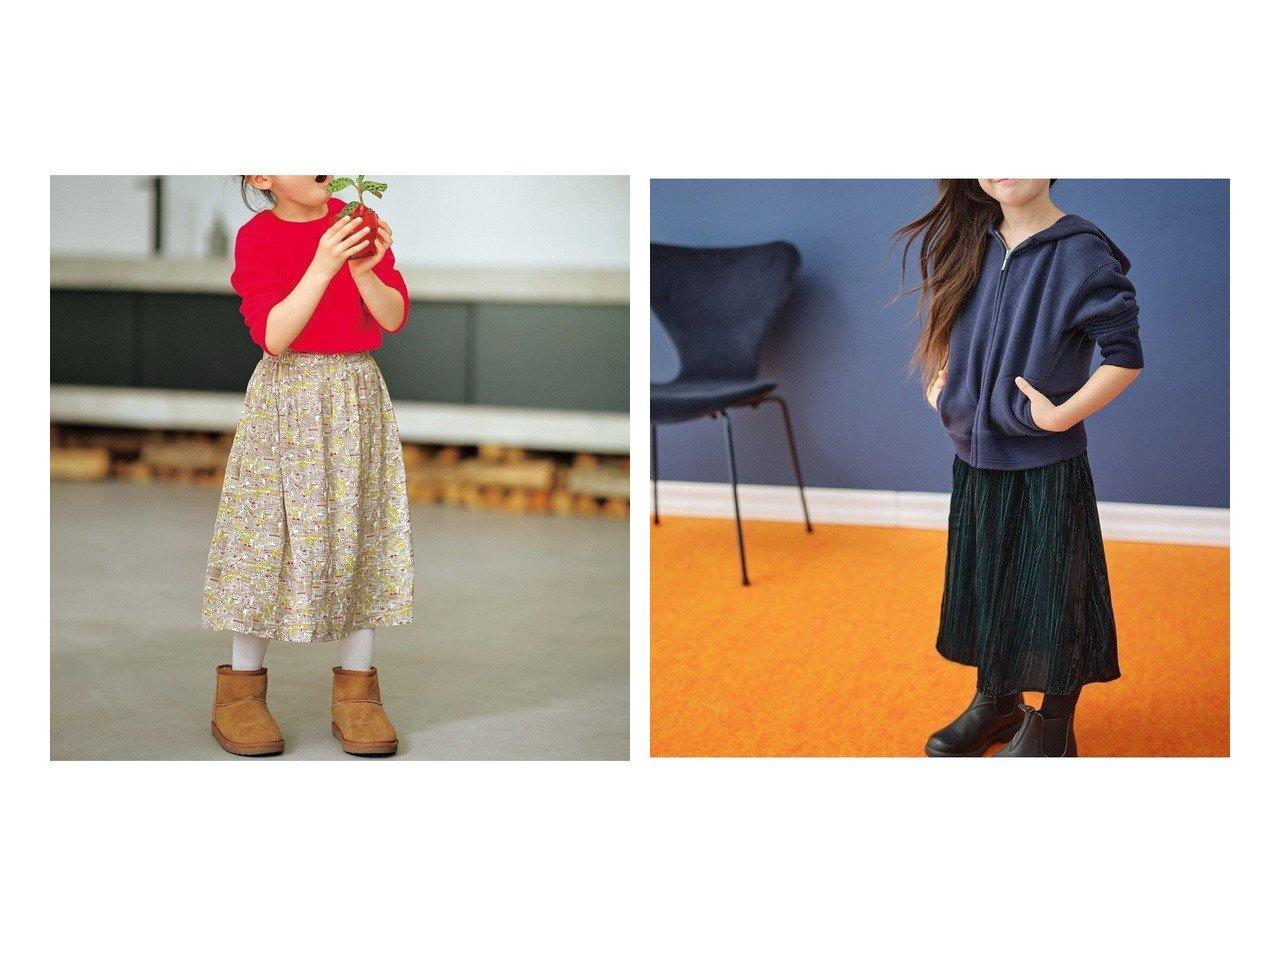 【KUMIKYOKU / KIDS/組曲】の【100-120cm】ミュルーズ プリント スカート&【100-120cm】ベルベットロングスカート 【KIDS】子供服のおすすめ!人気トレンド・キッズファッションの通販 おすすめで人気の流行・トレンド、ファッションの通販商品 インテリア・家具・メンズファッション・キッズファッション・レディースファッション・服の通販 founy(ファニー) https://founy.com/ ファッション Fashion キッズファッション KIDS ヴィンテージ 洗える 秋 Autumn/Fall ギャザー サテン プリント ベーシック ロング A/W・秋冬 AW・Autumn/Winter・FW・Fall-Winter 2020年 2020 2020-2021秋冬・A/W AW・Autumn/Winter・FW・Fall-Winter/2020-2021 送料無料 Free Shipping  ID:crp329100000044704